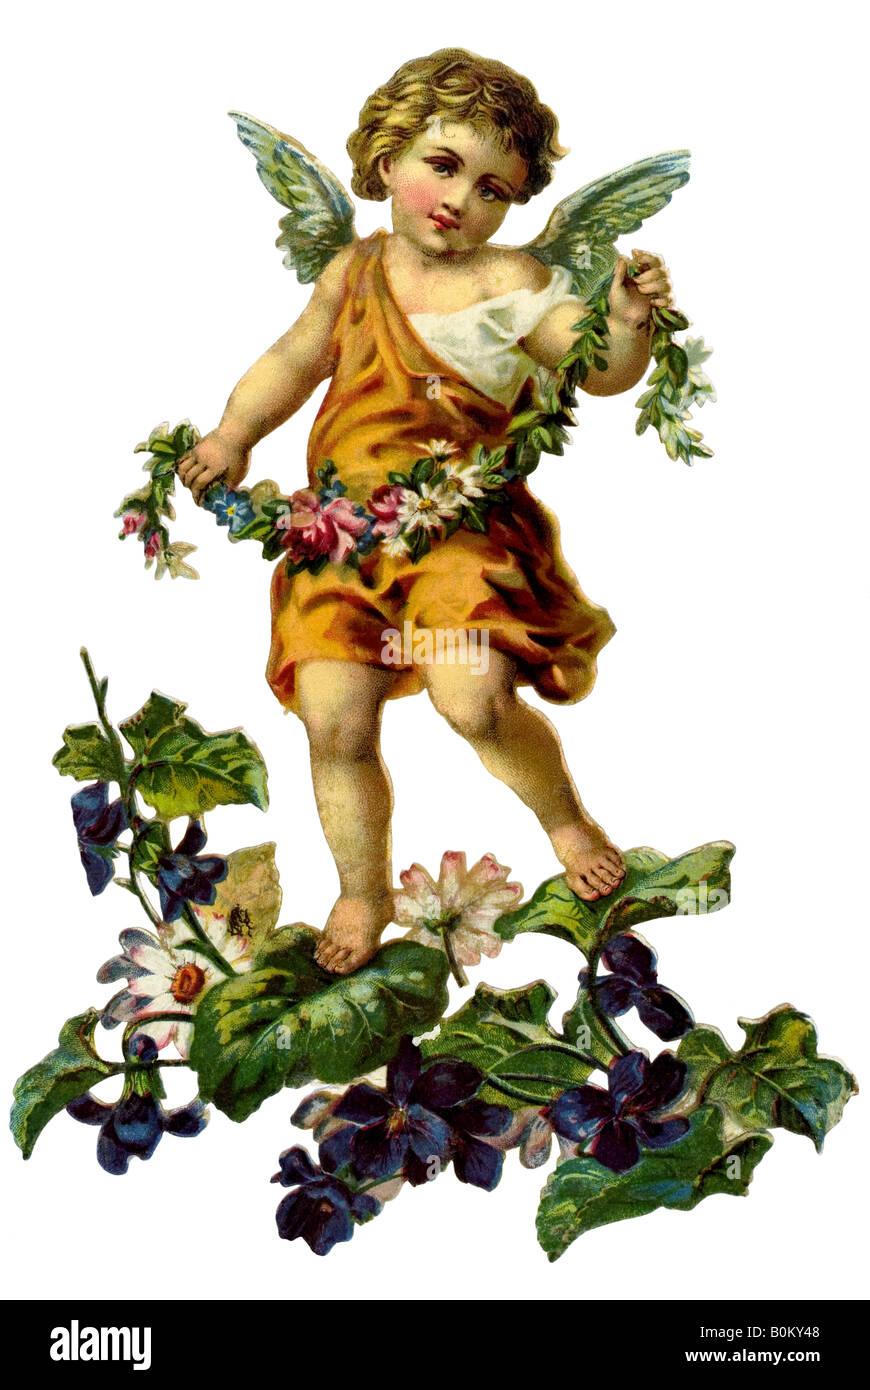 Los niños de angel en ramo de violetts, Forget-me-not Alemania del siglo XIX. Imagen De Stock